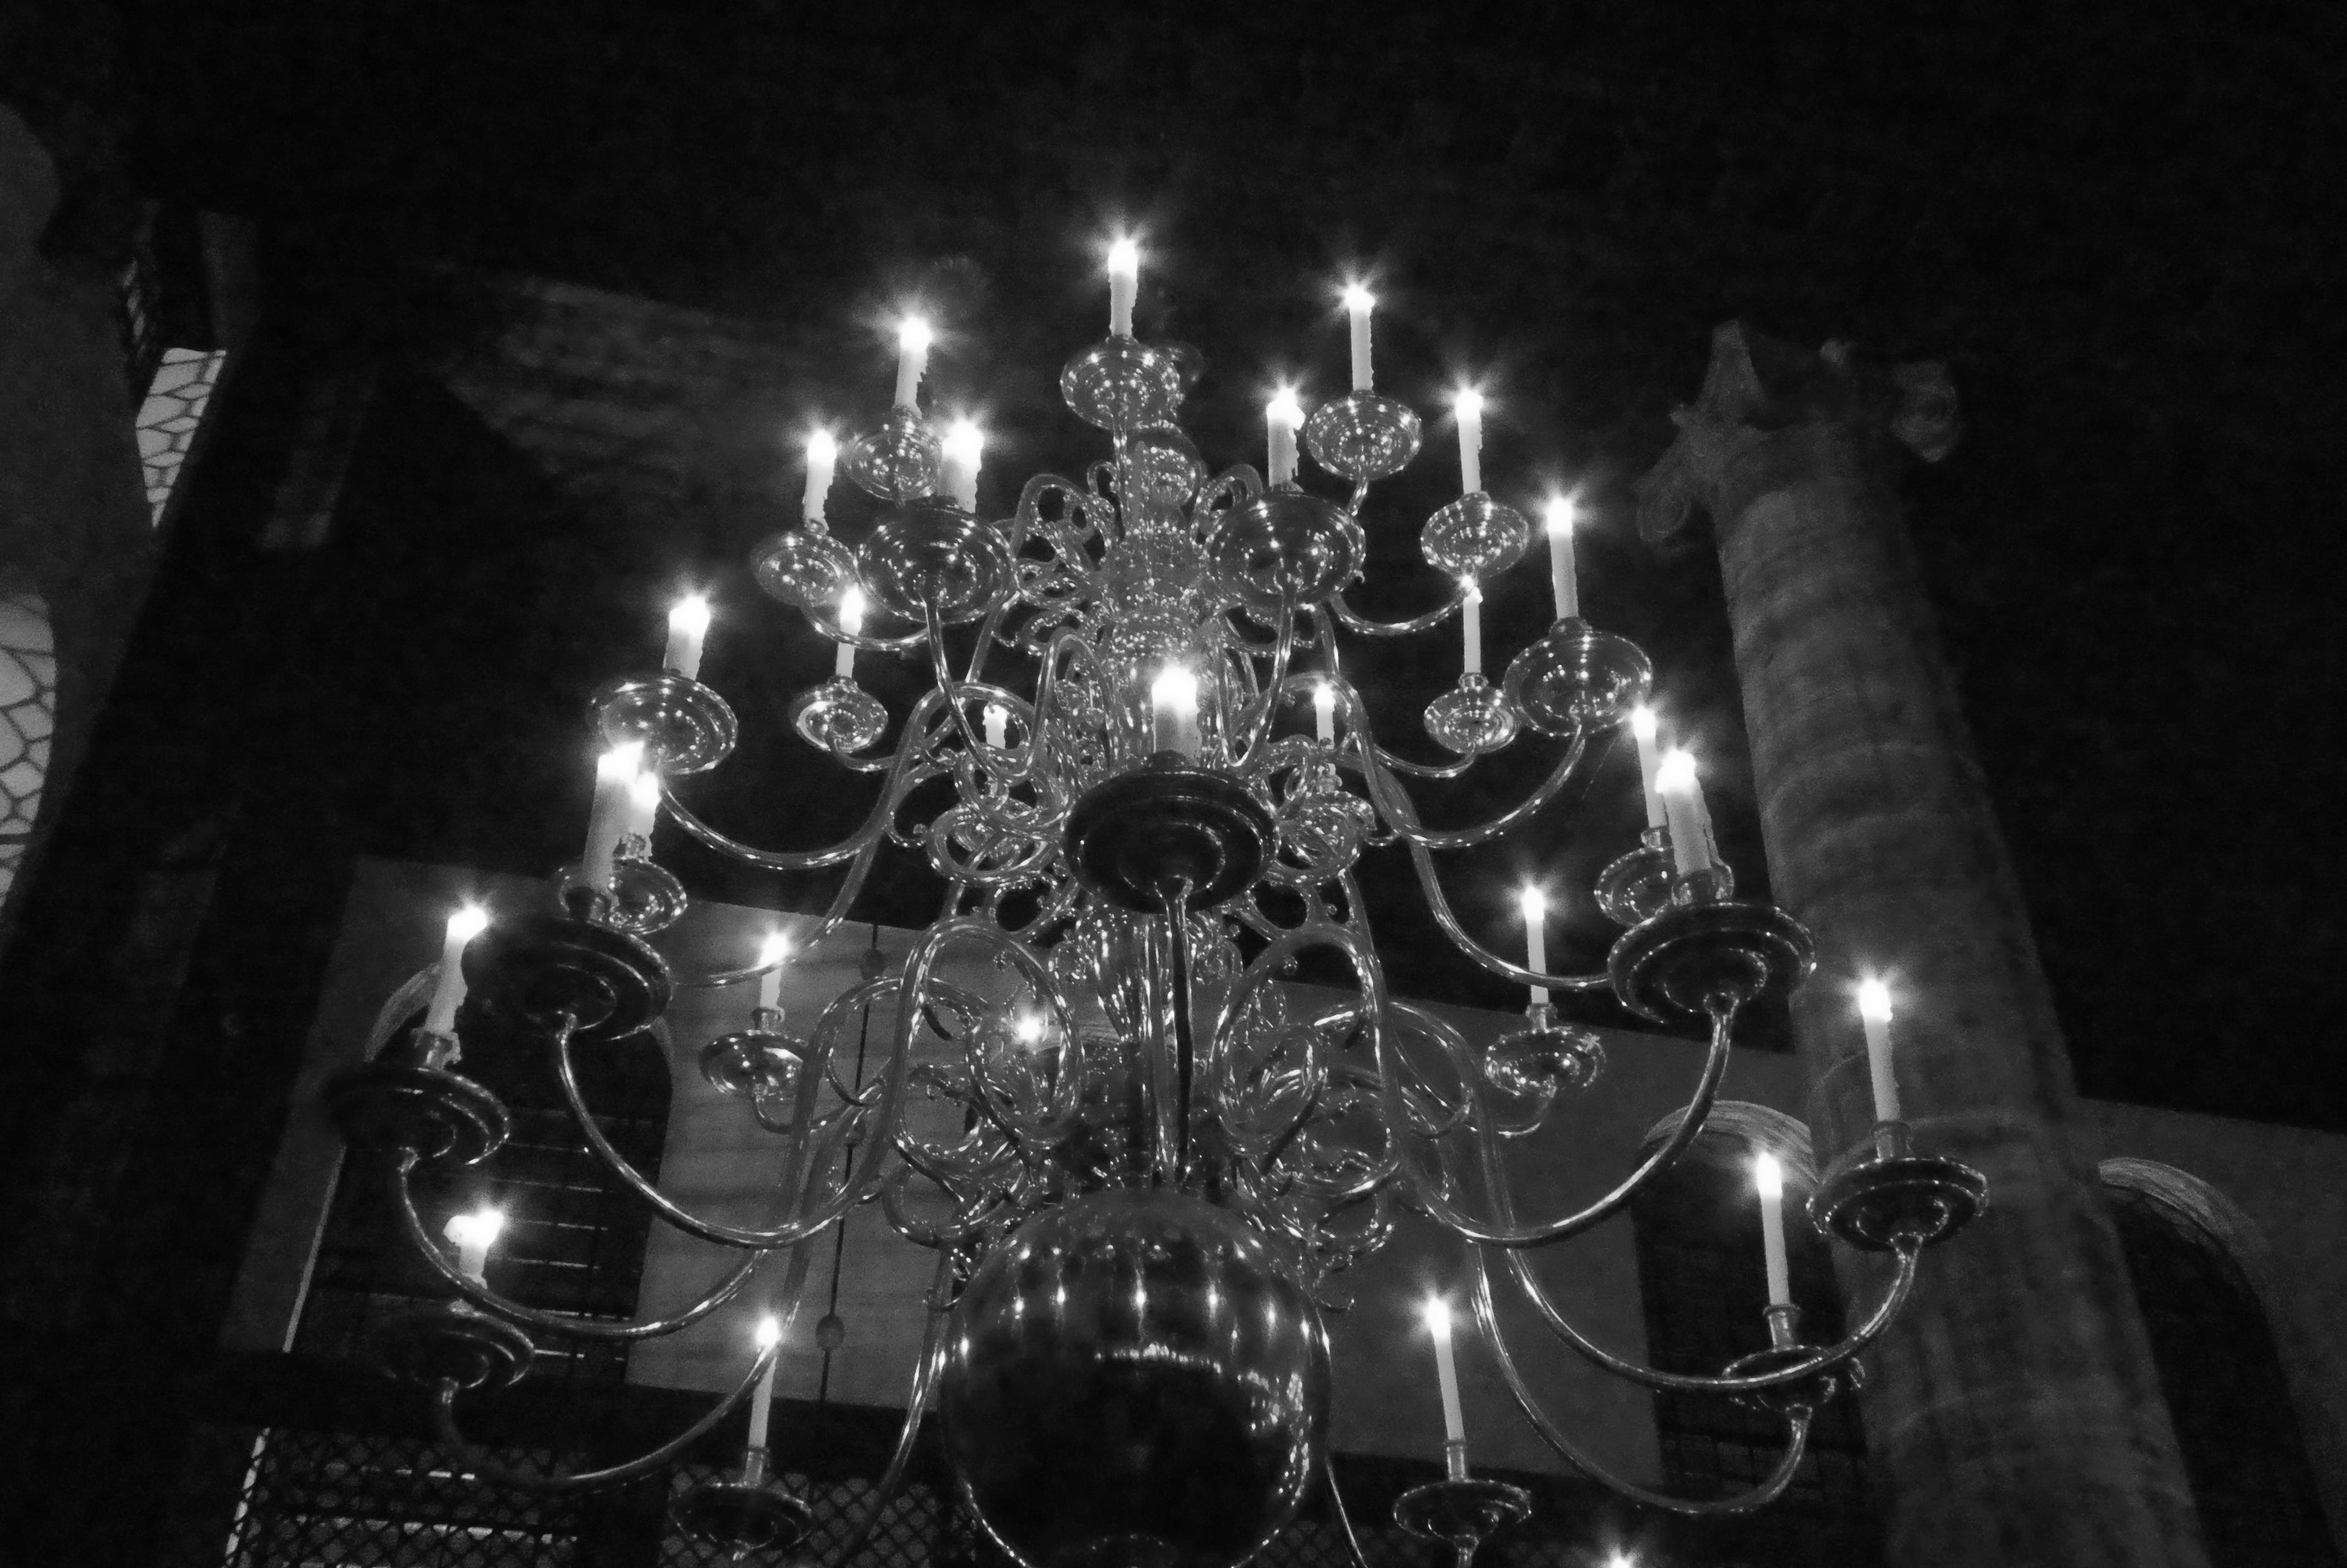 Licht Tour Amsterdam : Kostenlose foto amsterdam verbrennung kerzen leuchter